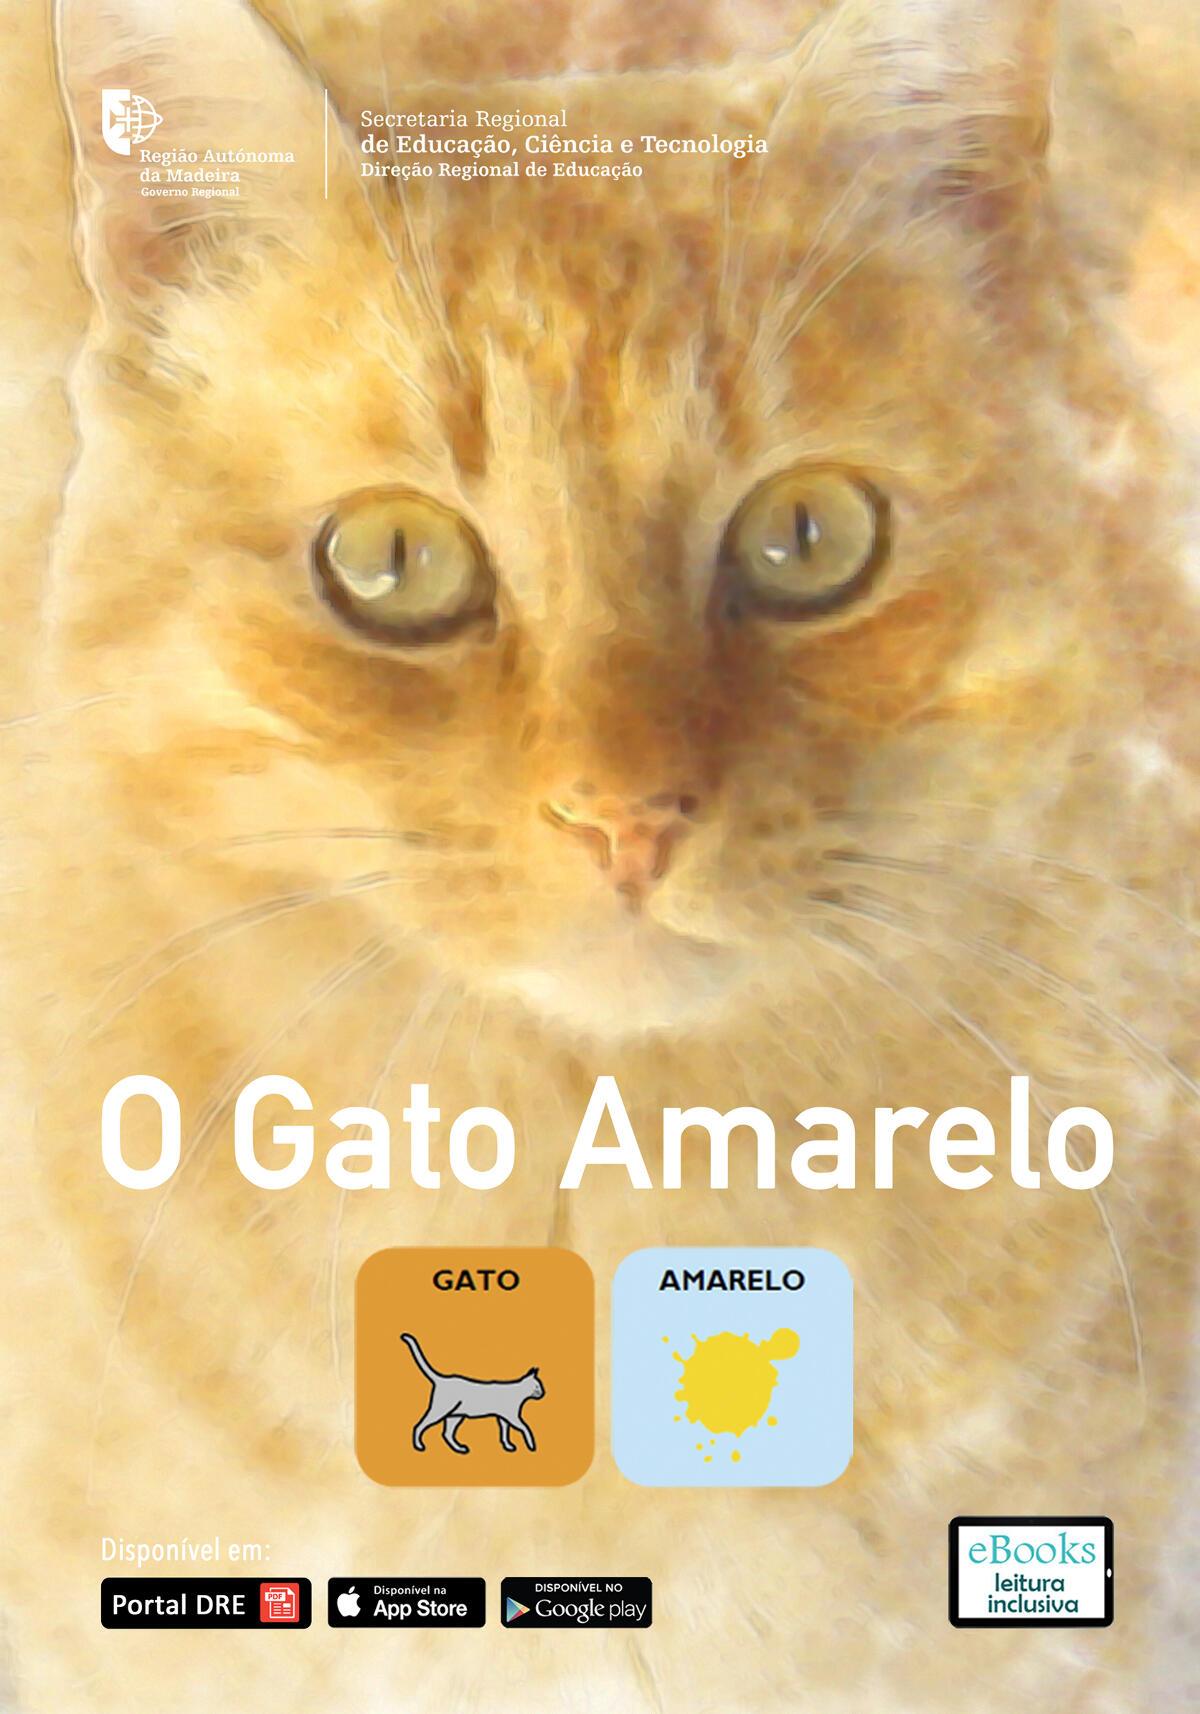 O Gato Amarelo - História Adaptada em Símbolos Pictográficos